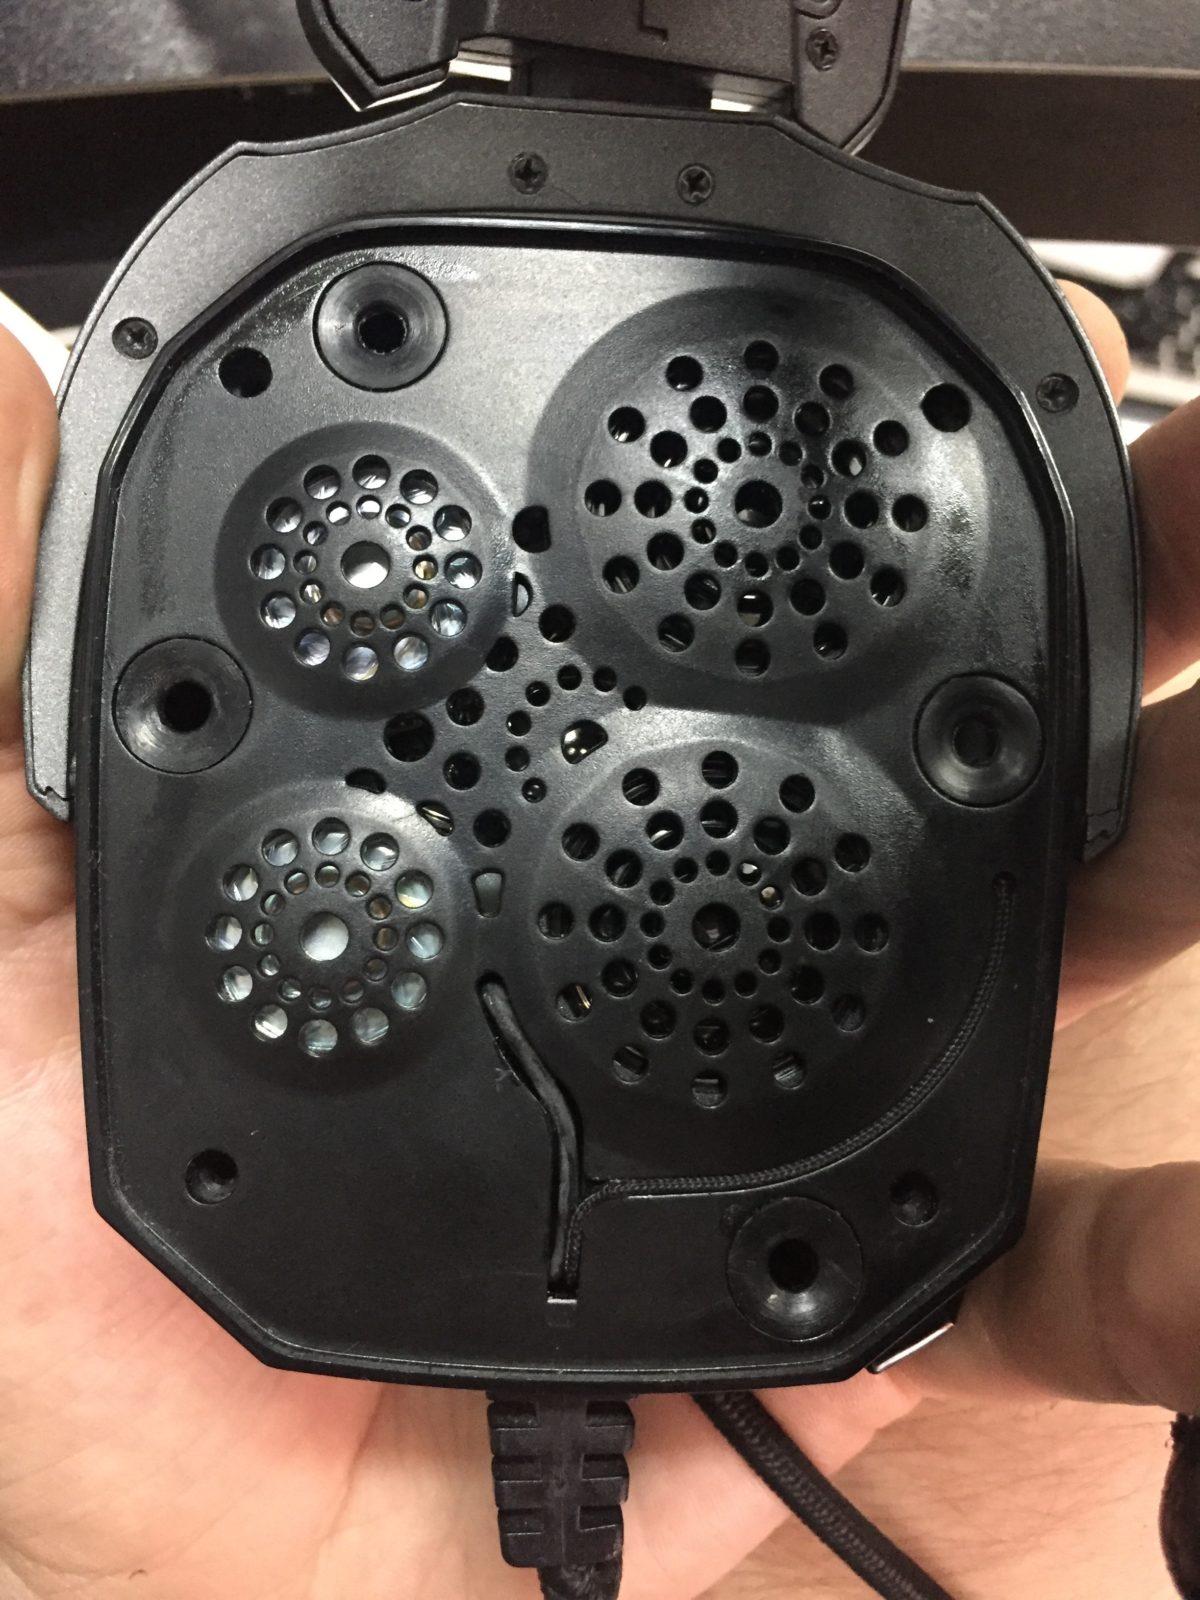 В наушниках Razer tiamat rz04-0060 не работает левое ухо